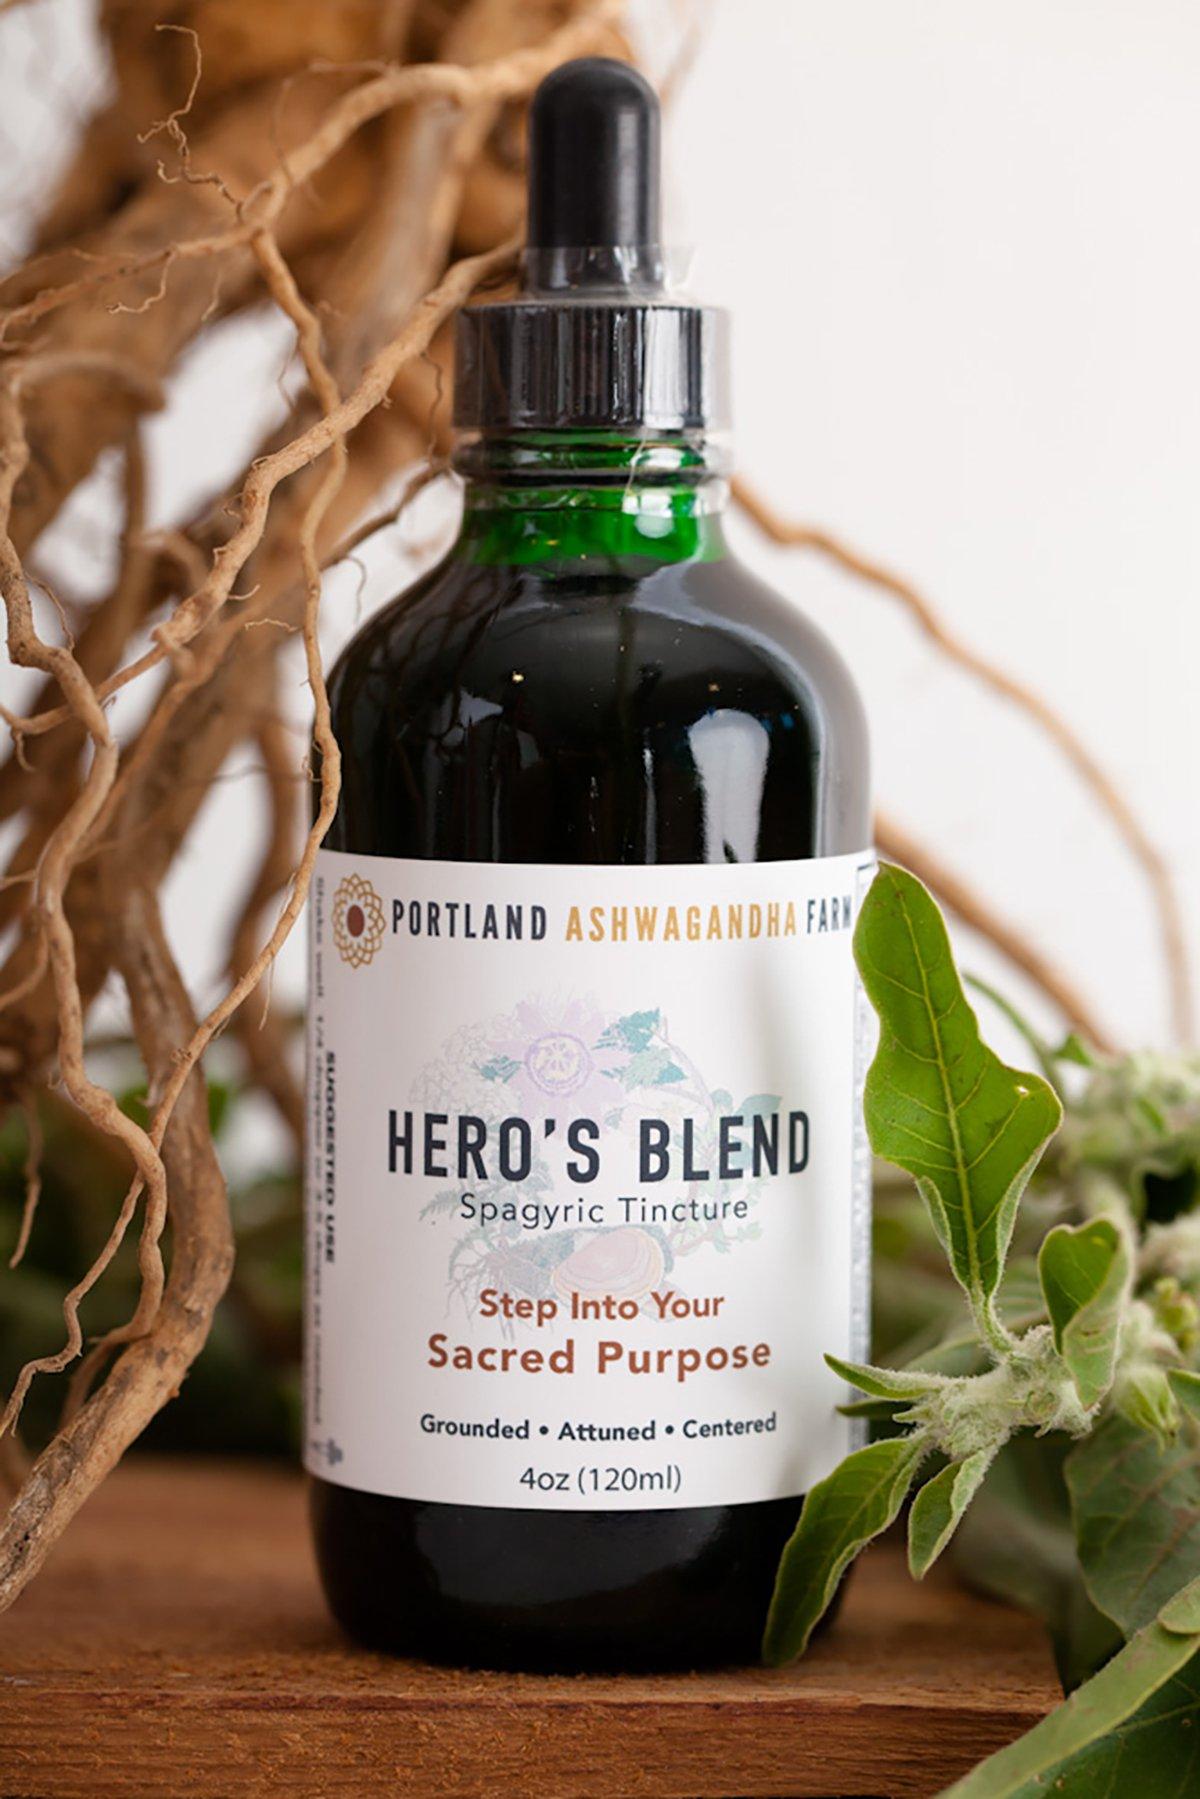 Hero S Blend Fresh Spagyric Tincture Tinctures Ashwagandha Root Organic Ingredients